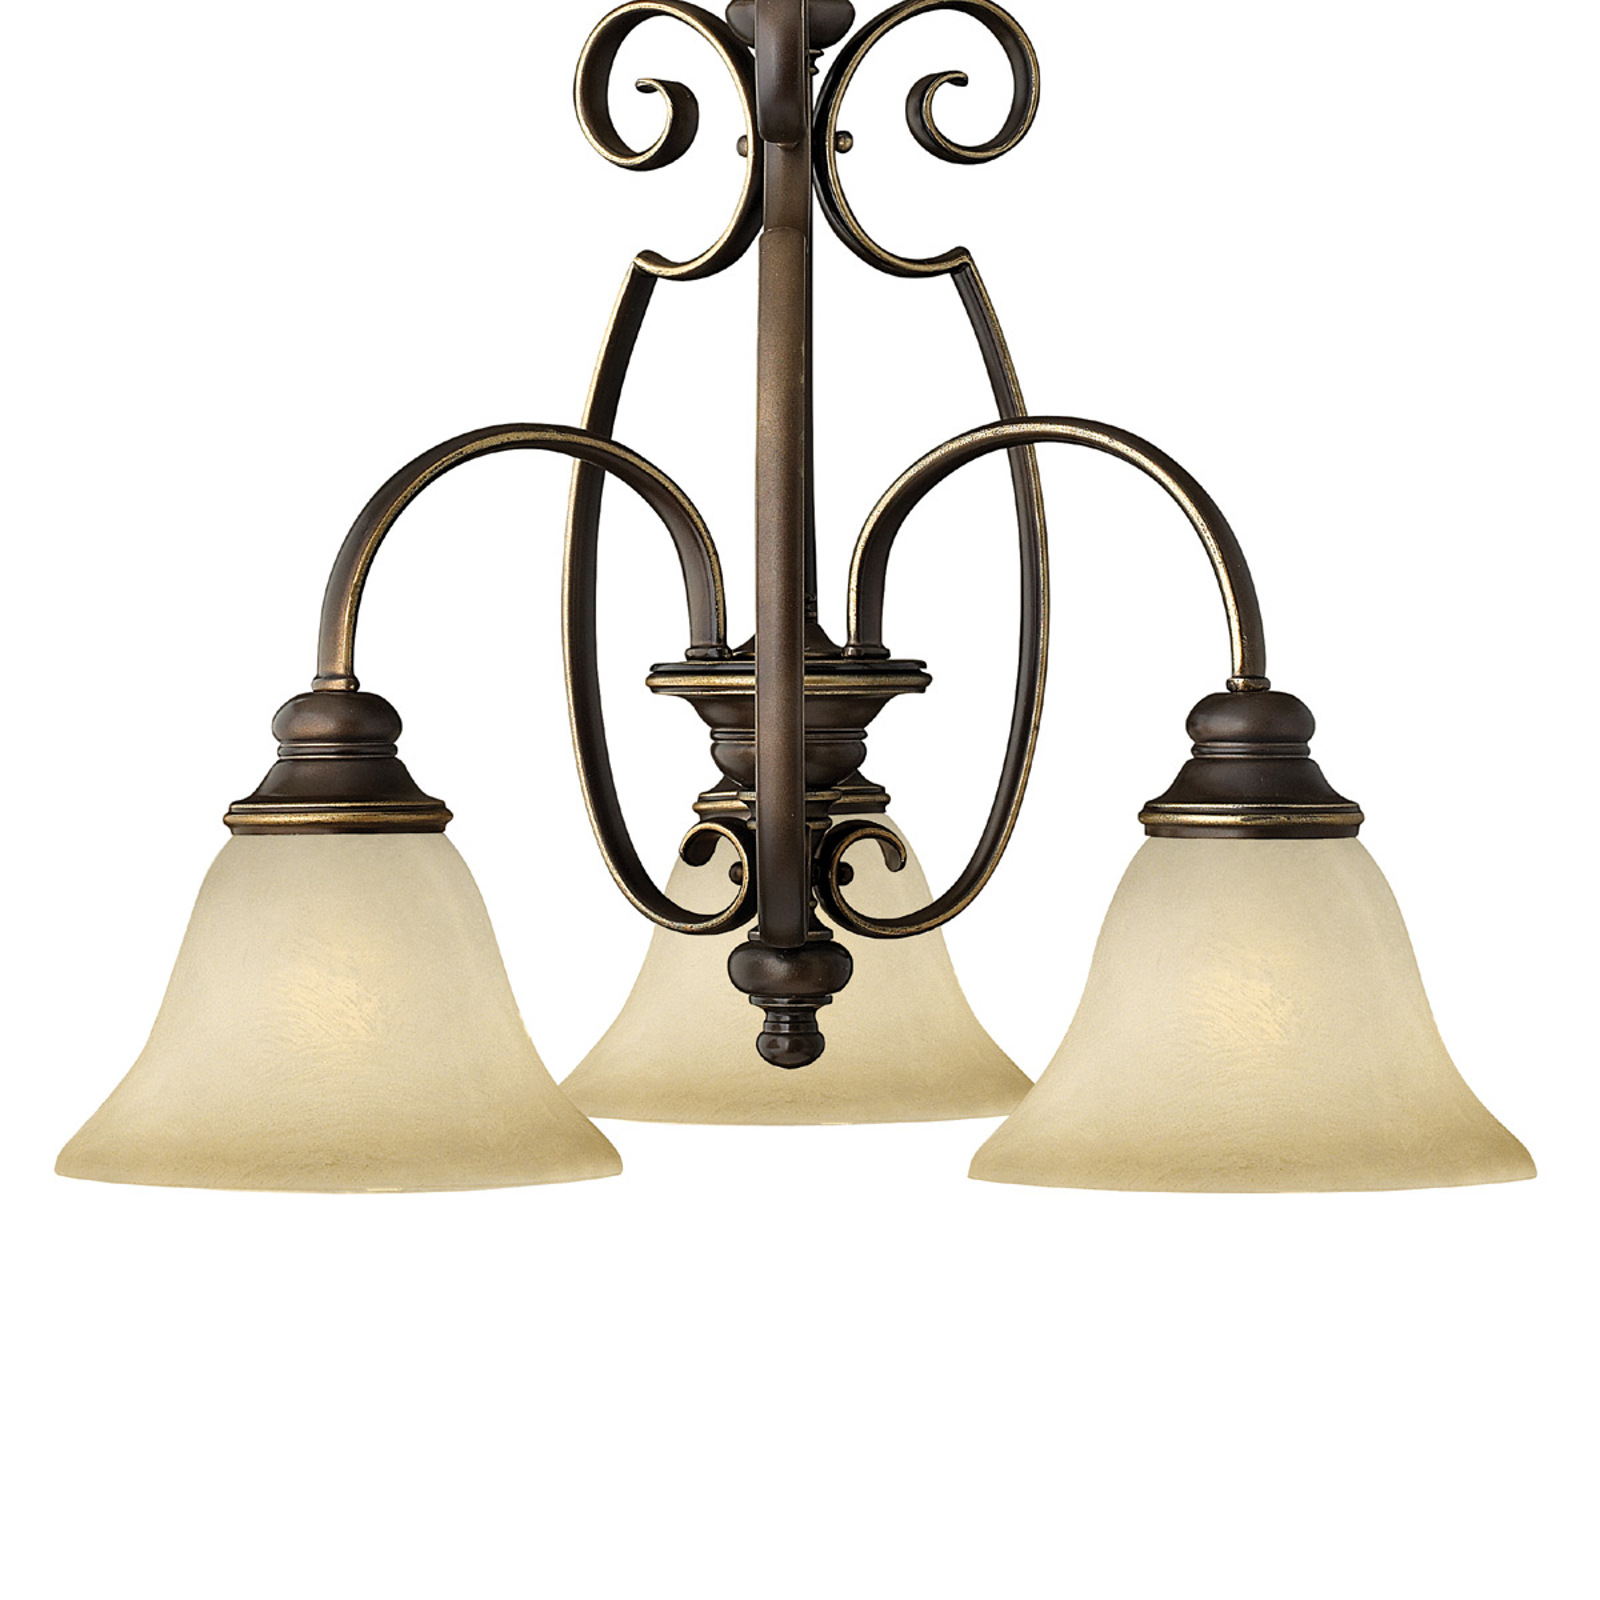 Závesná lampa CELLO, 3-plameňové_3048119_1